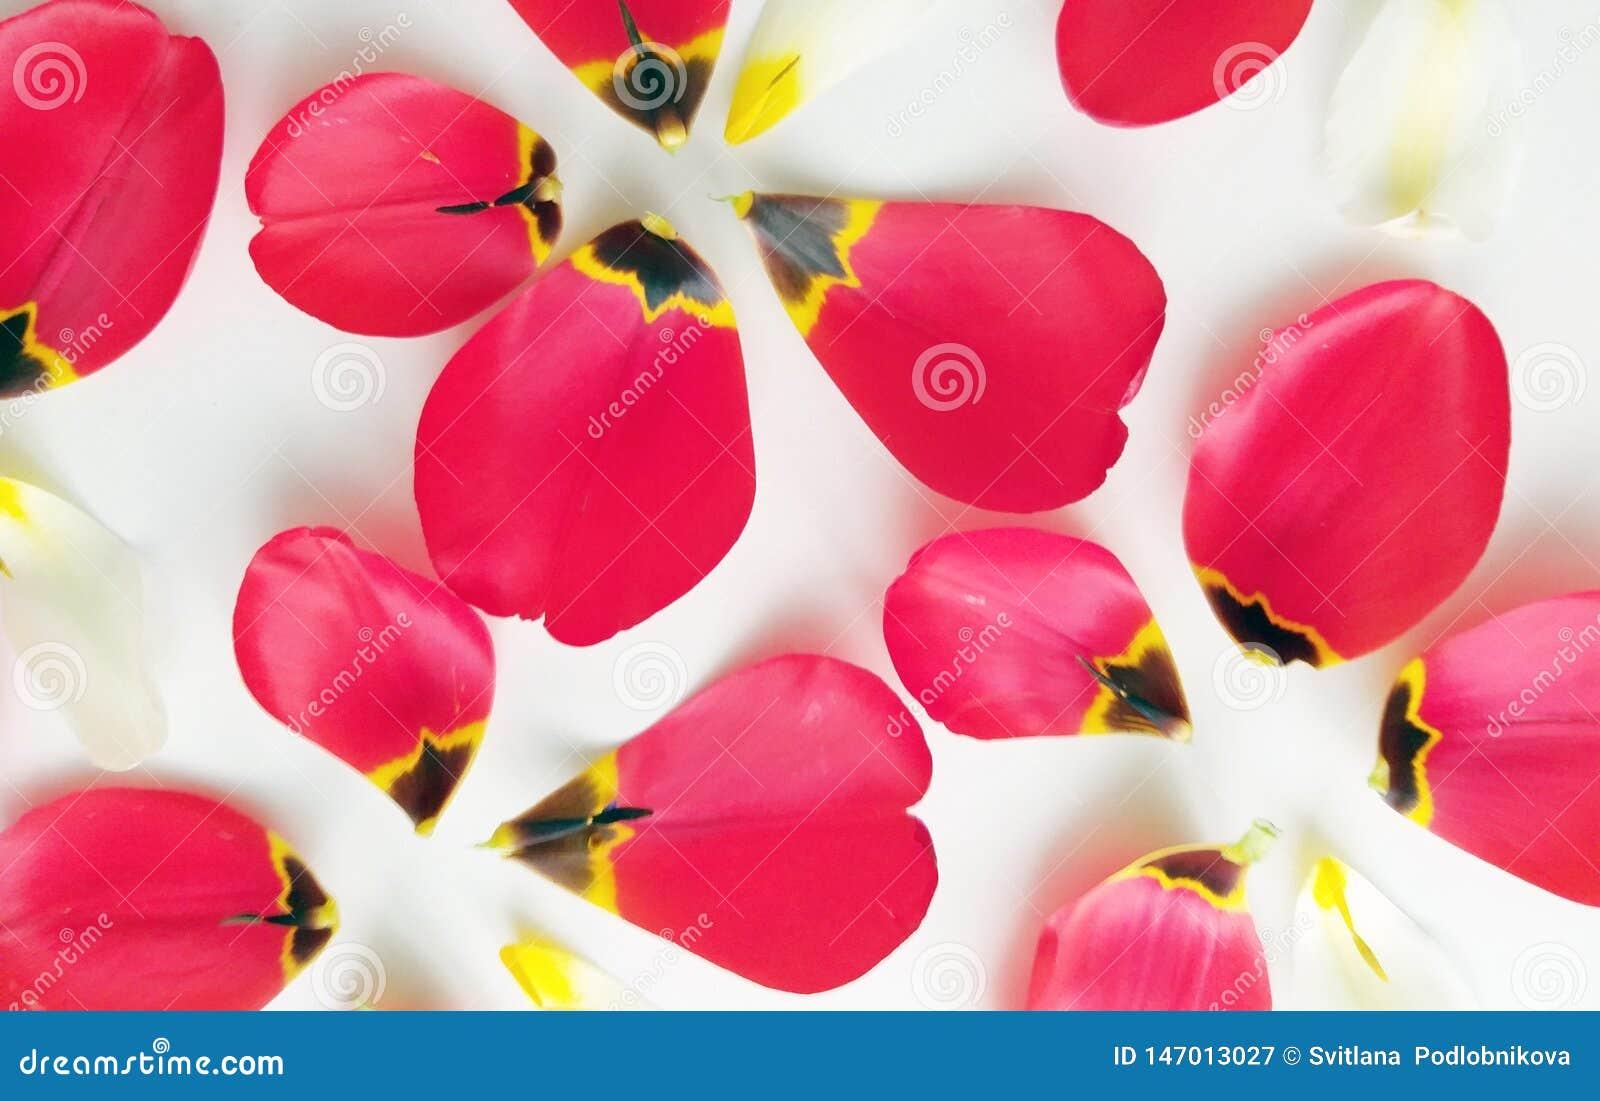 Предпосылка цветка с лепестками тюльпанов